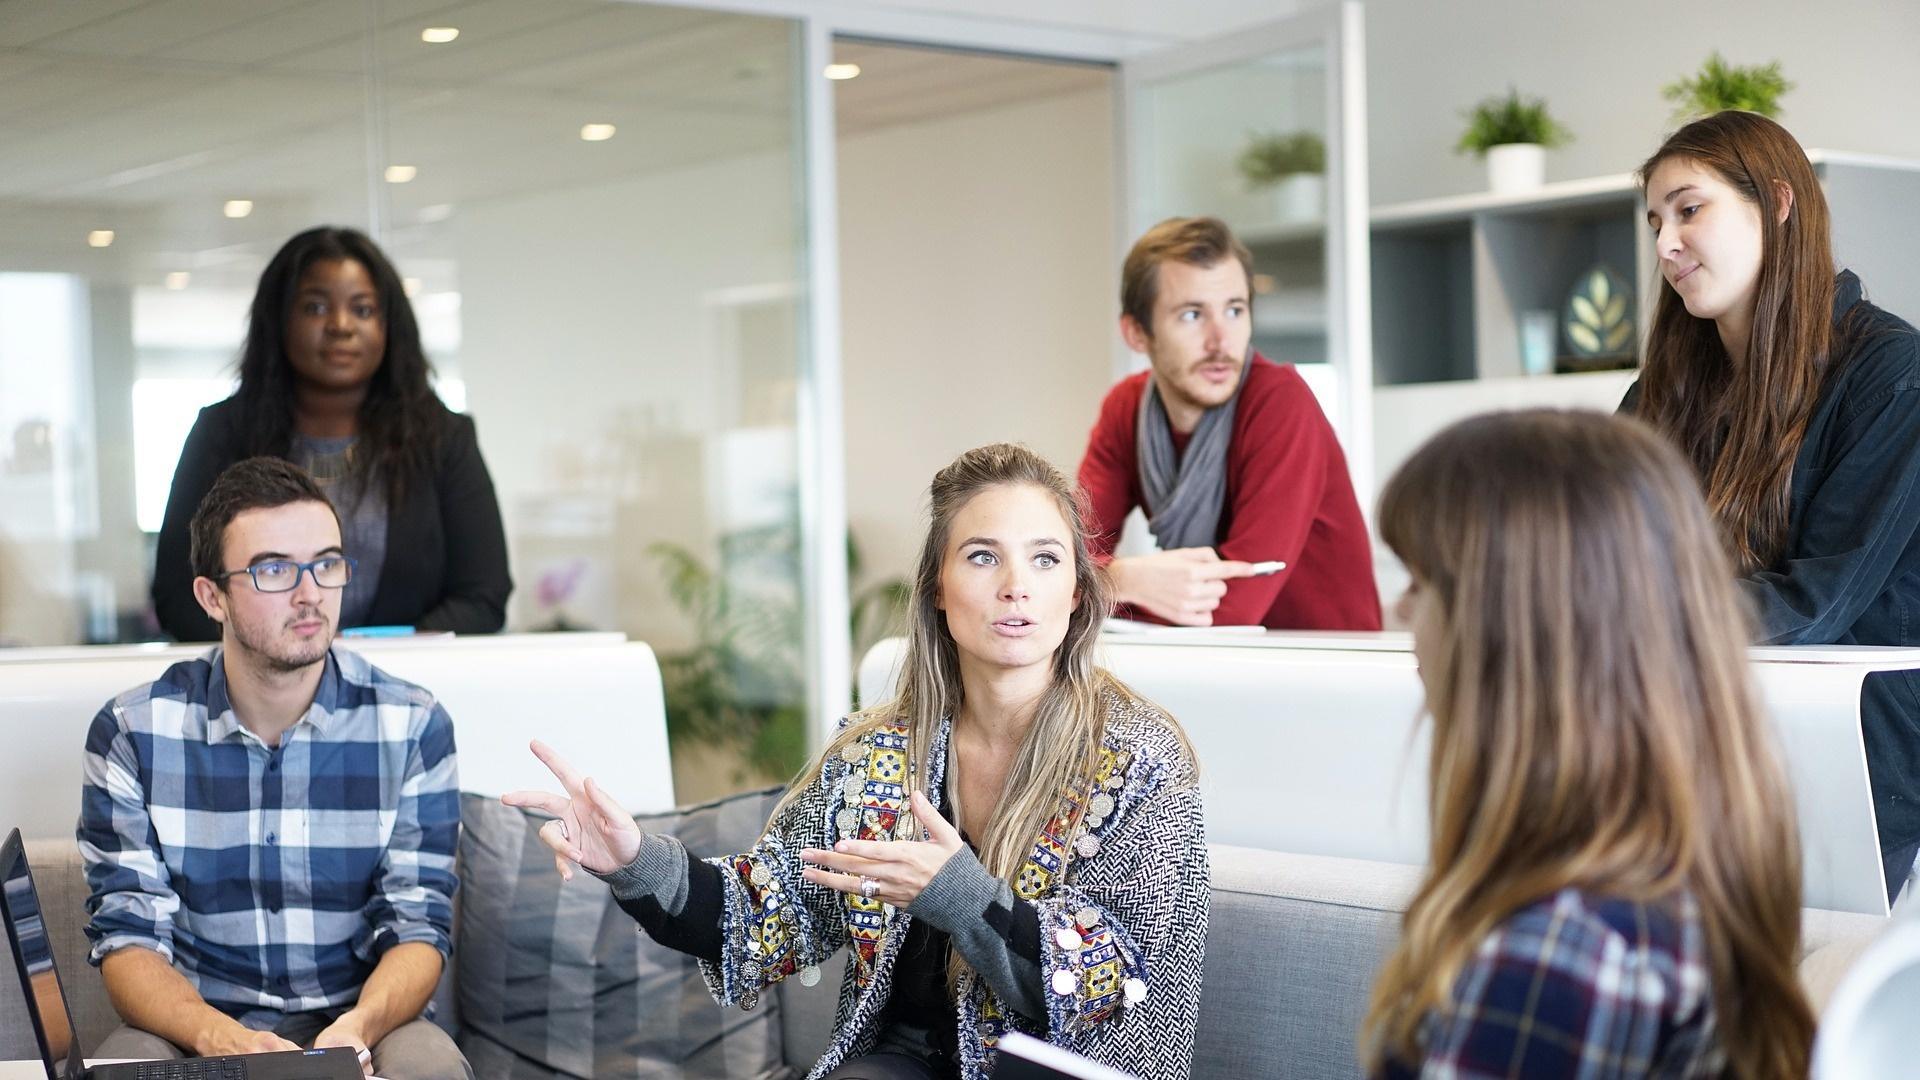 Poste Italiane apre nuove posizioni lavorative per laureati come Consulenti finanziari